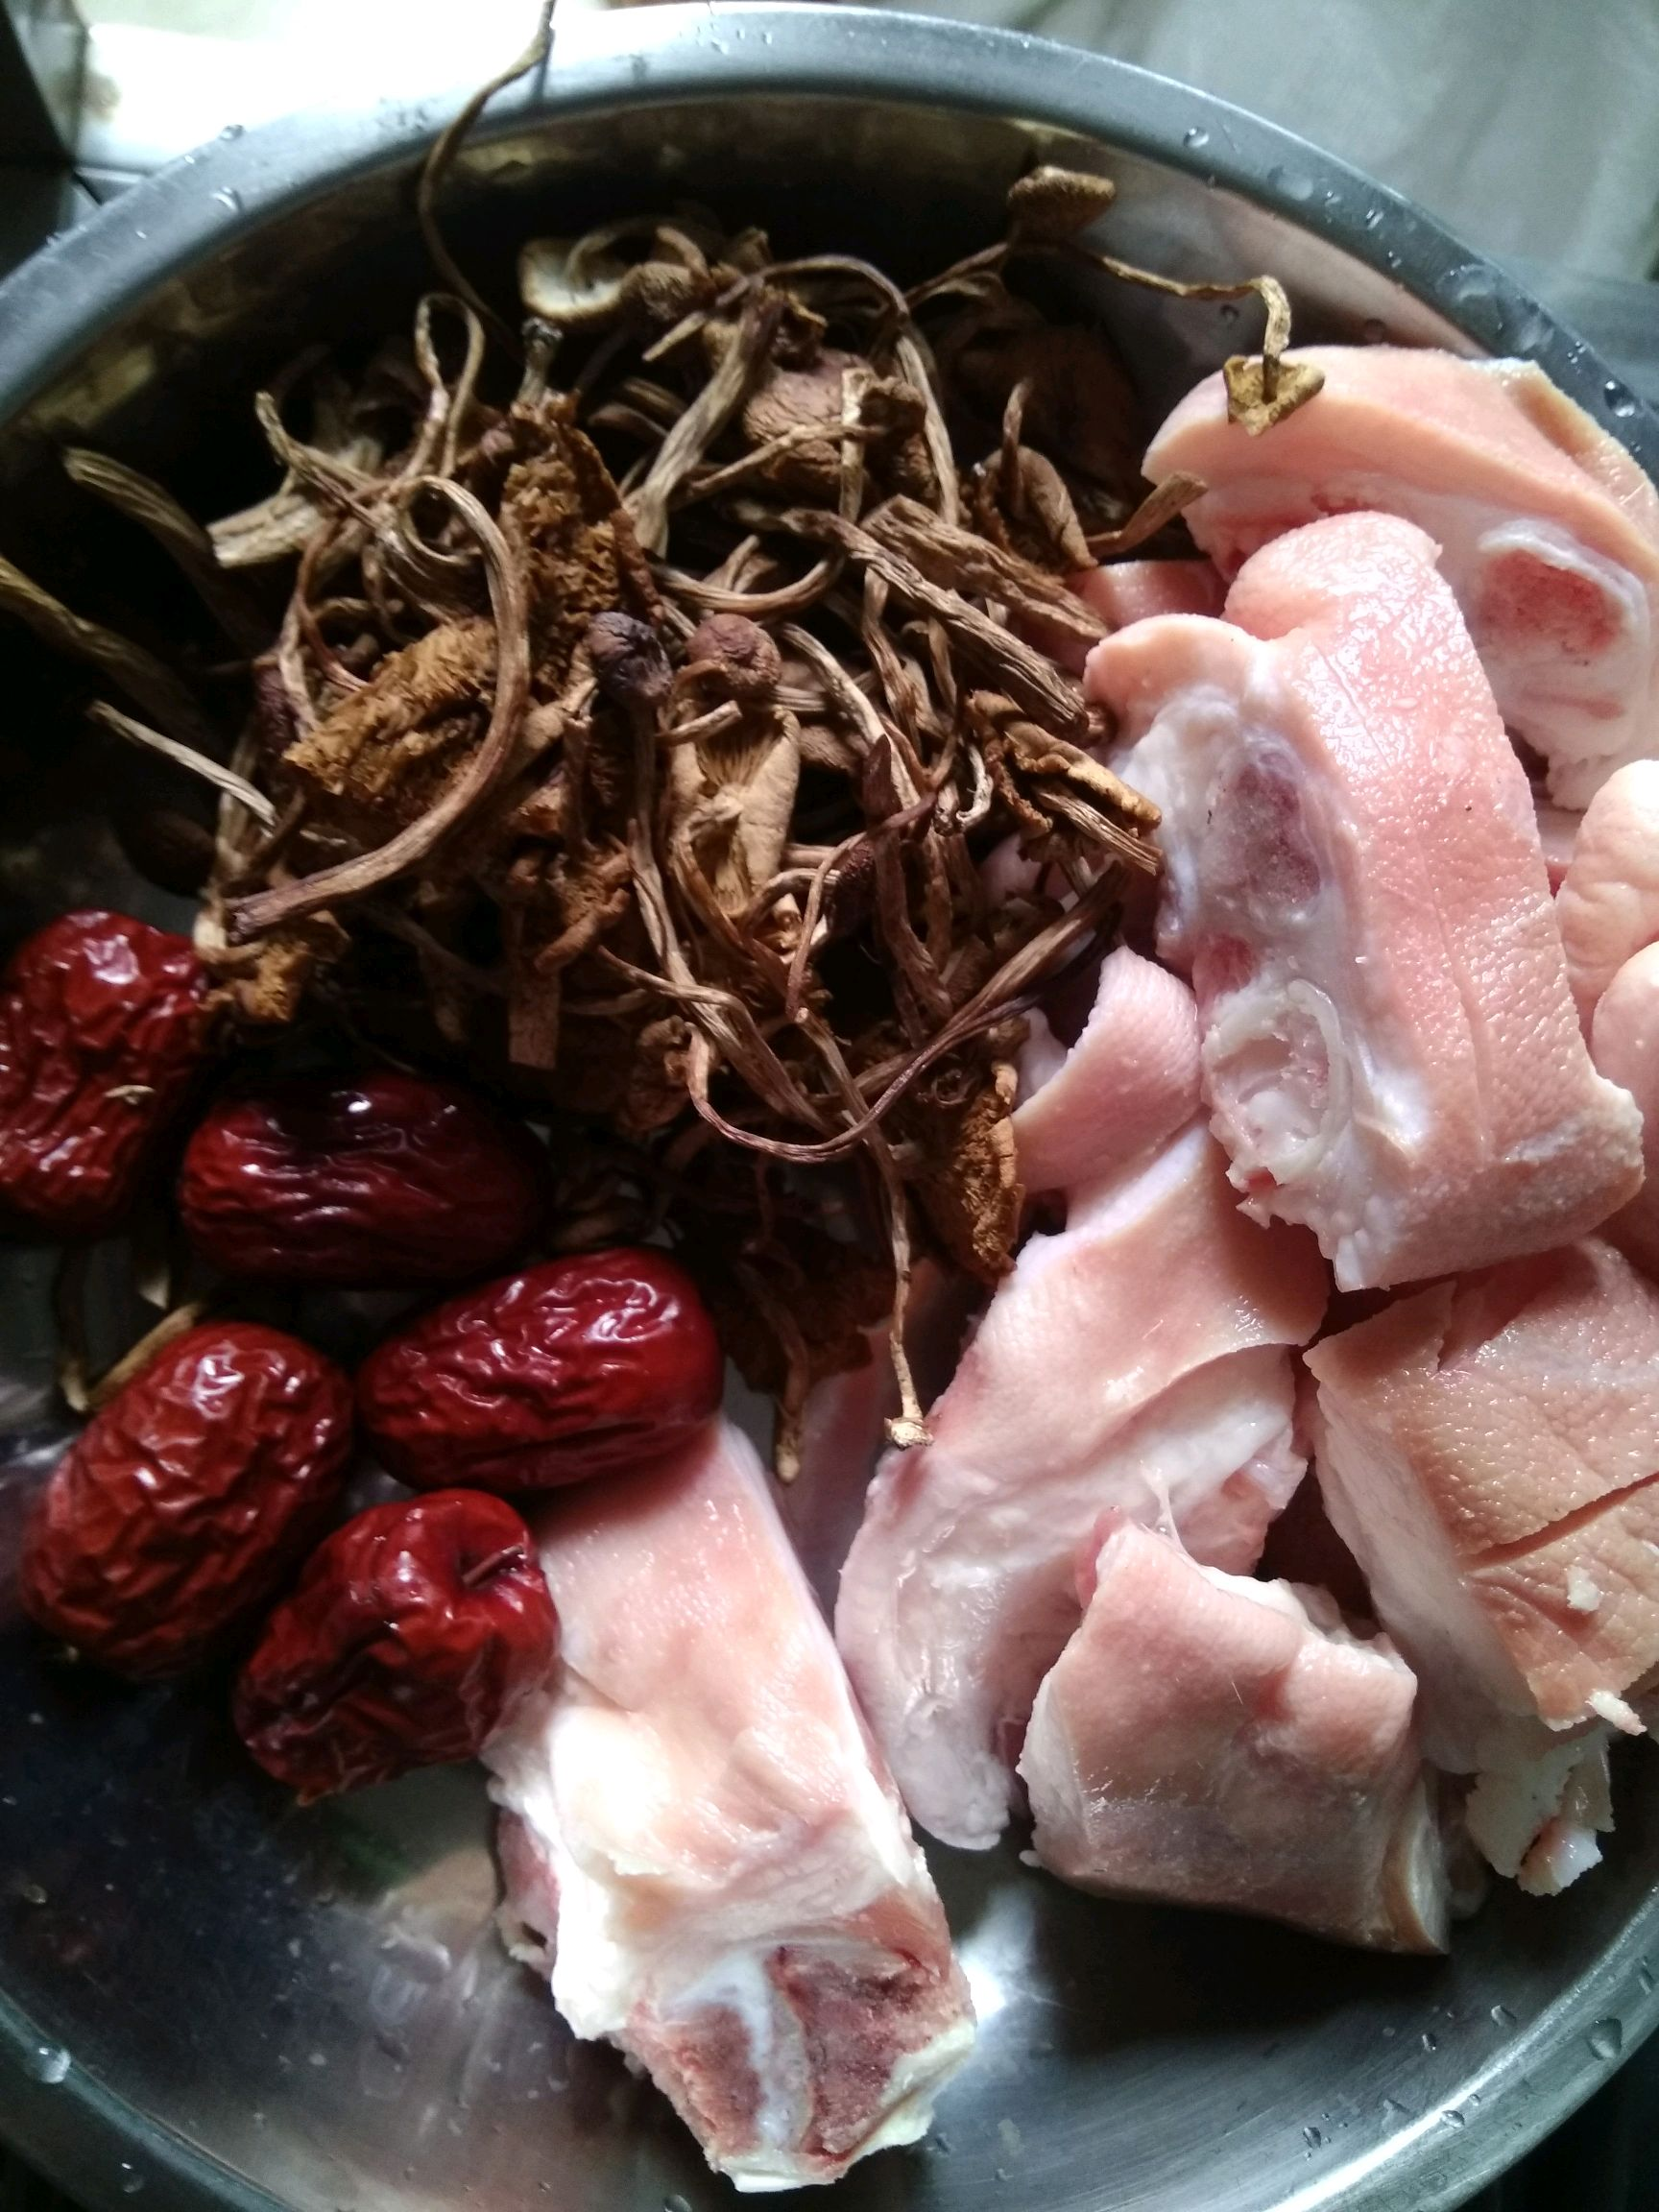 茶树菇要提前泡20分钟(煮的时候没有那么干)